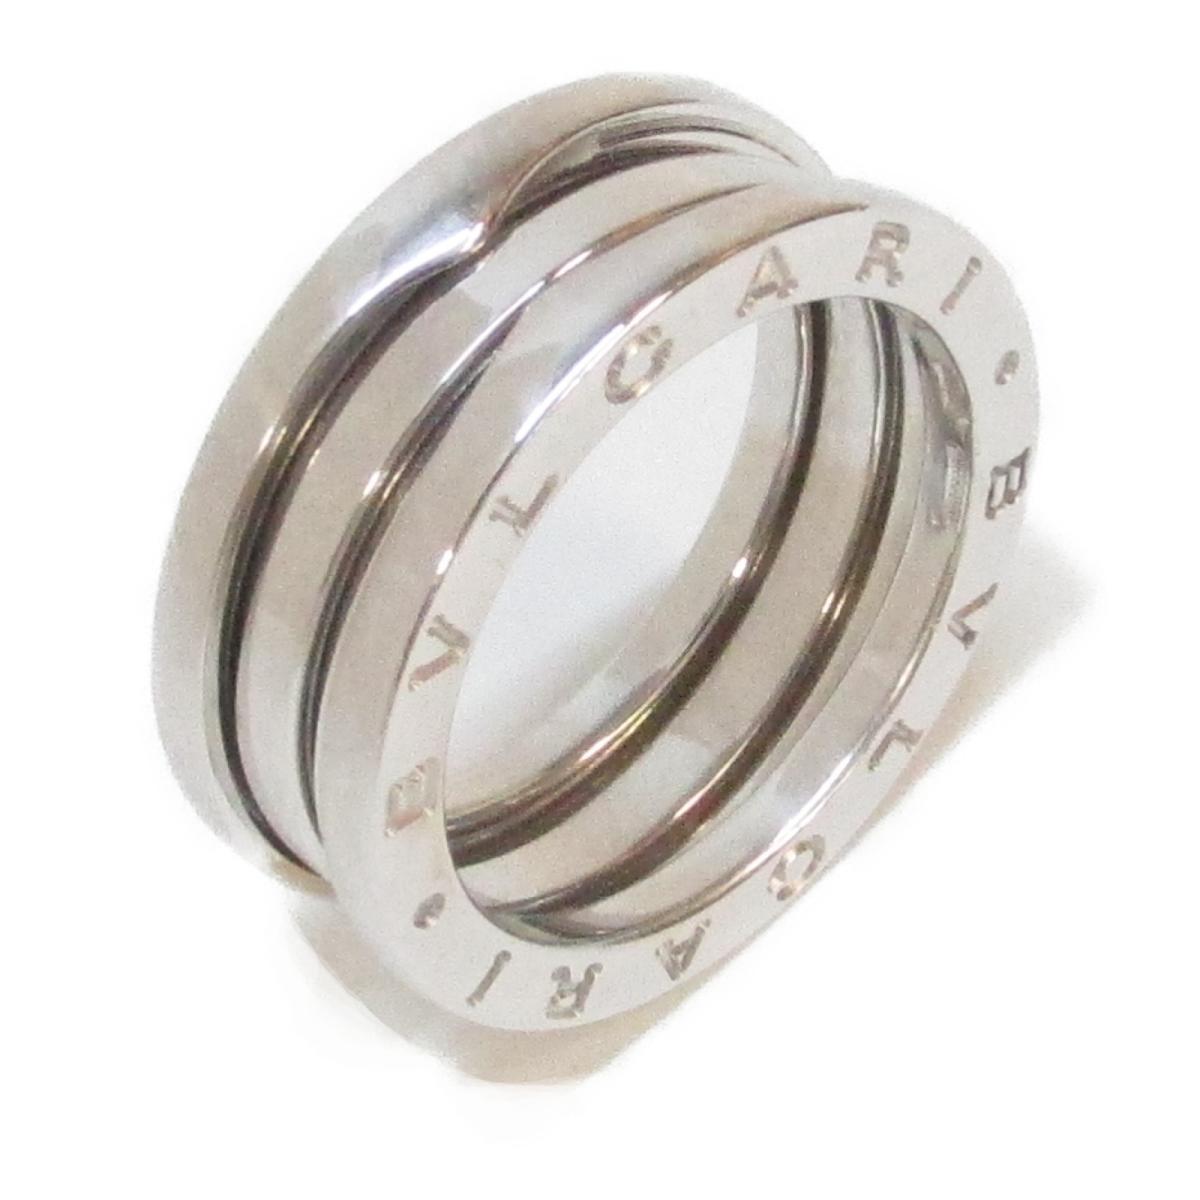 【中古】 ブルガリ B-zero1 リング Sサイズ 指輪 ビーゼロワン レディース K18WG (750) ホワイトゴールド | BVLGARI BRANDOFF ブランドオフ ブランド ジュエリー アクセサリー